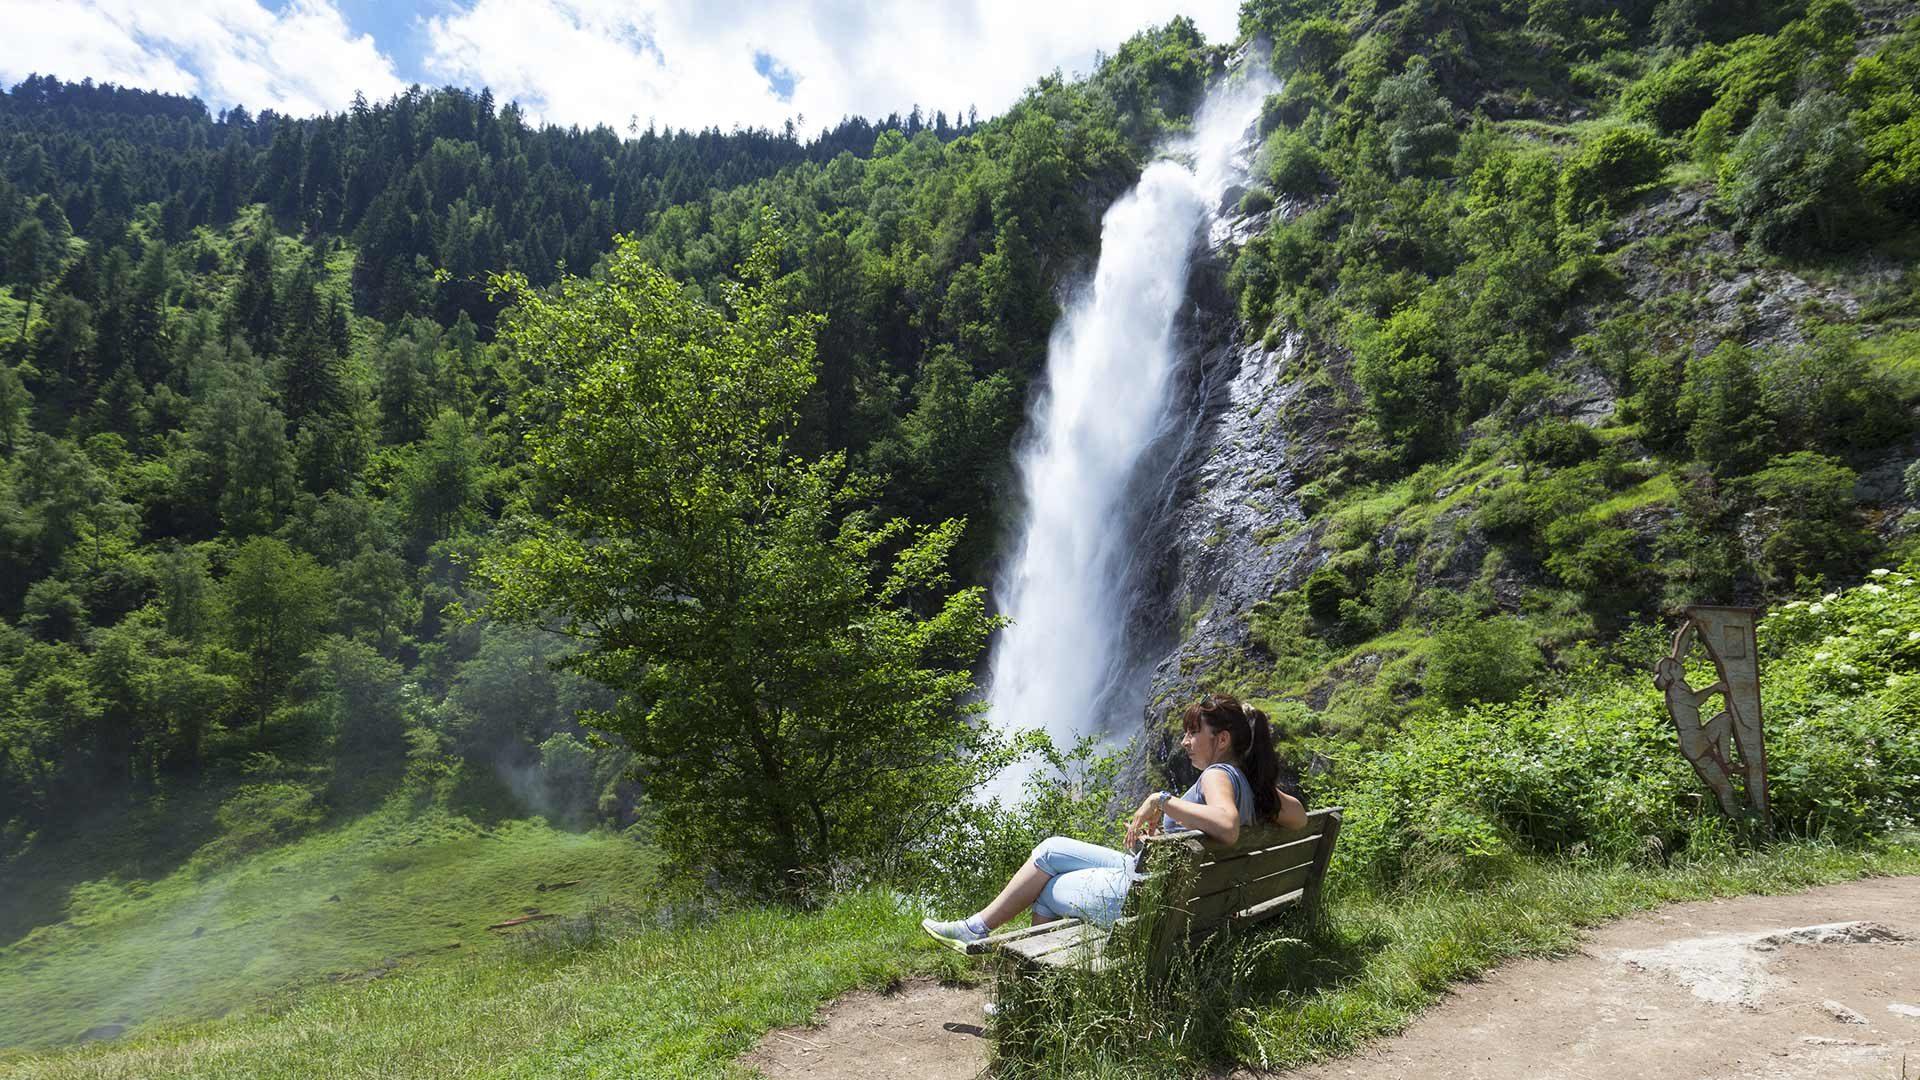 La cascata di Parcines in Alto Adige